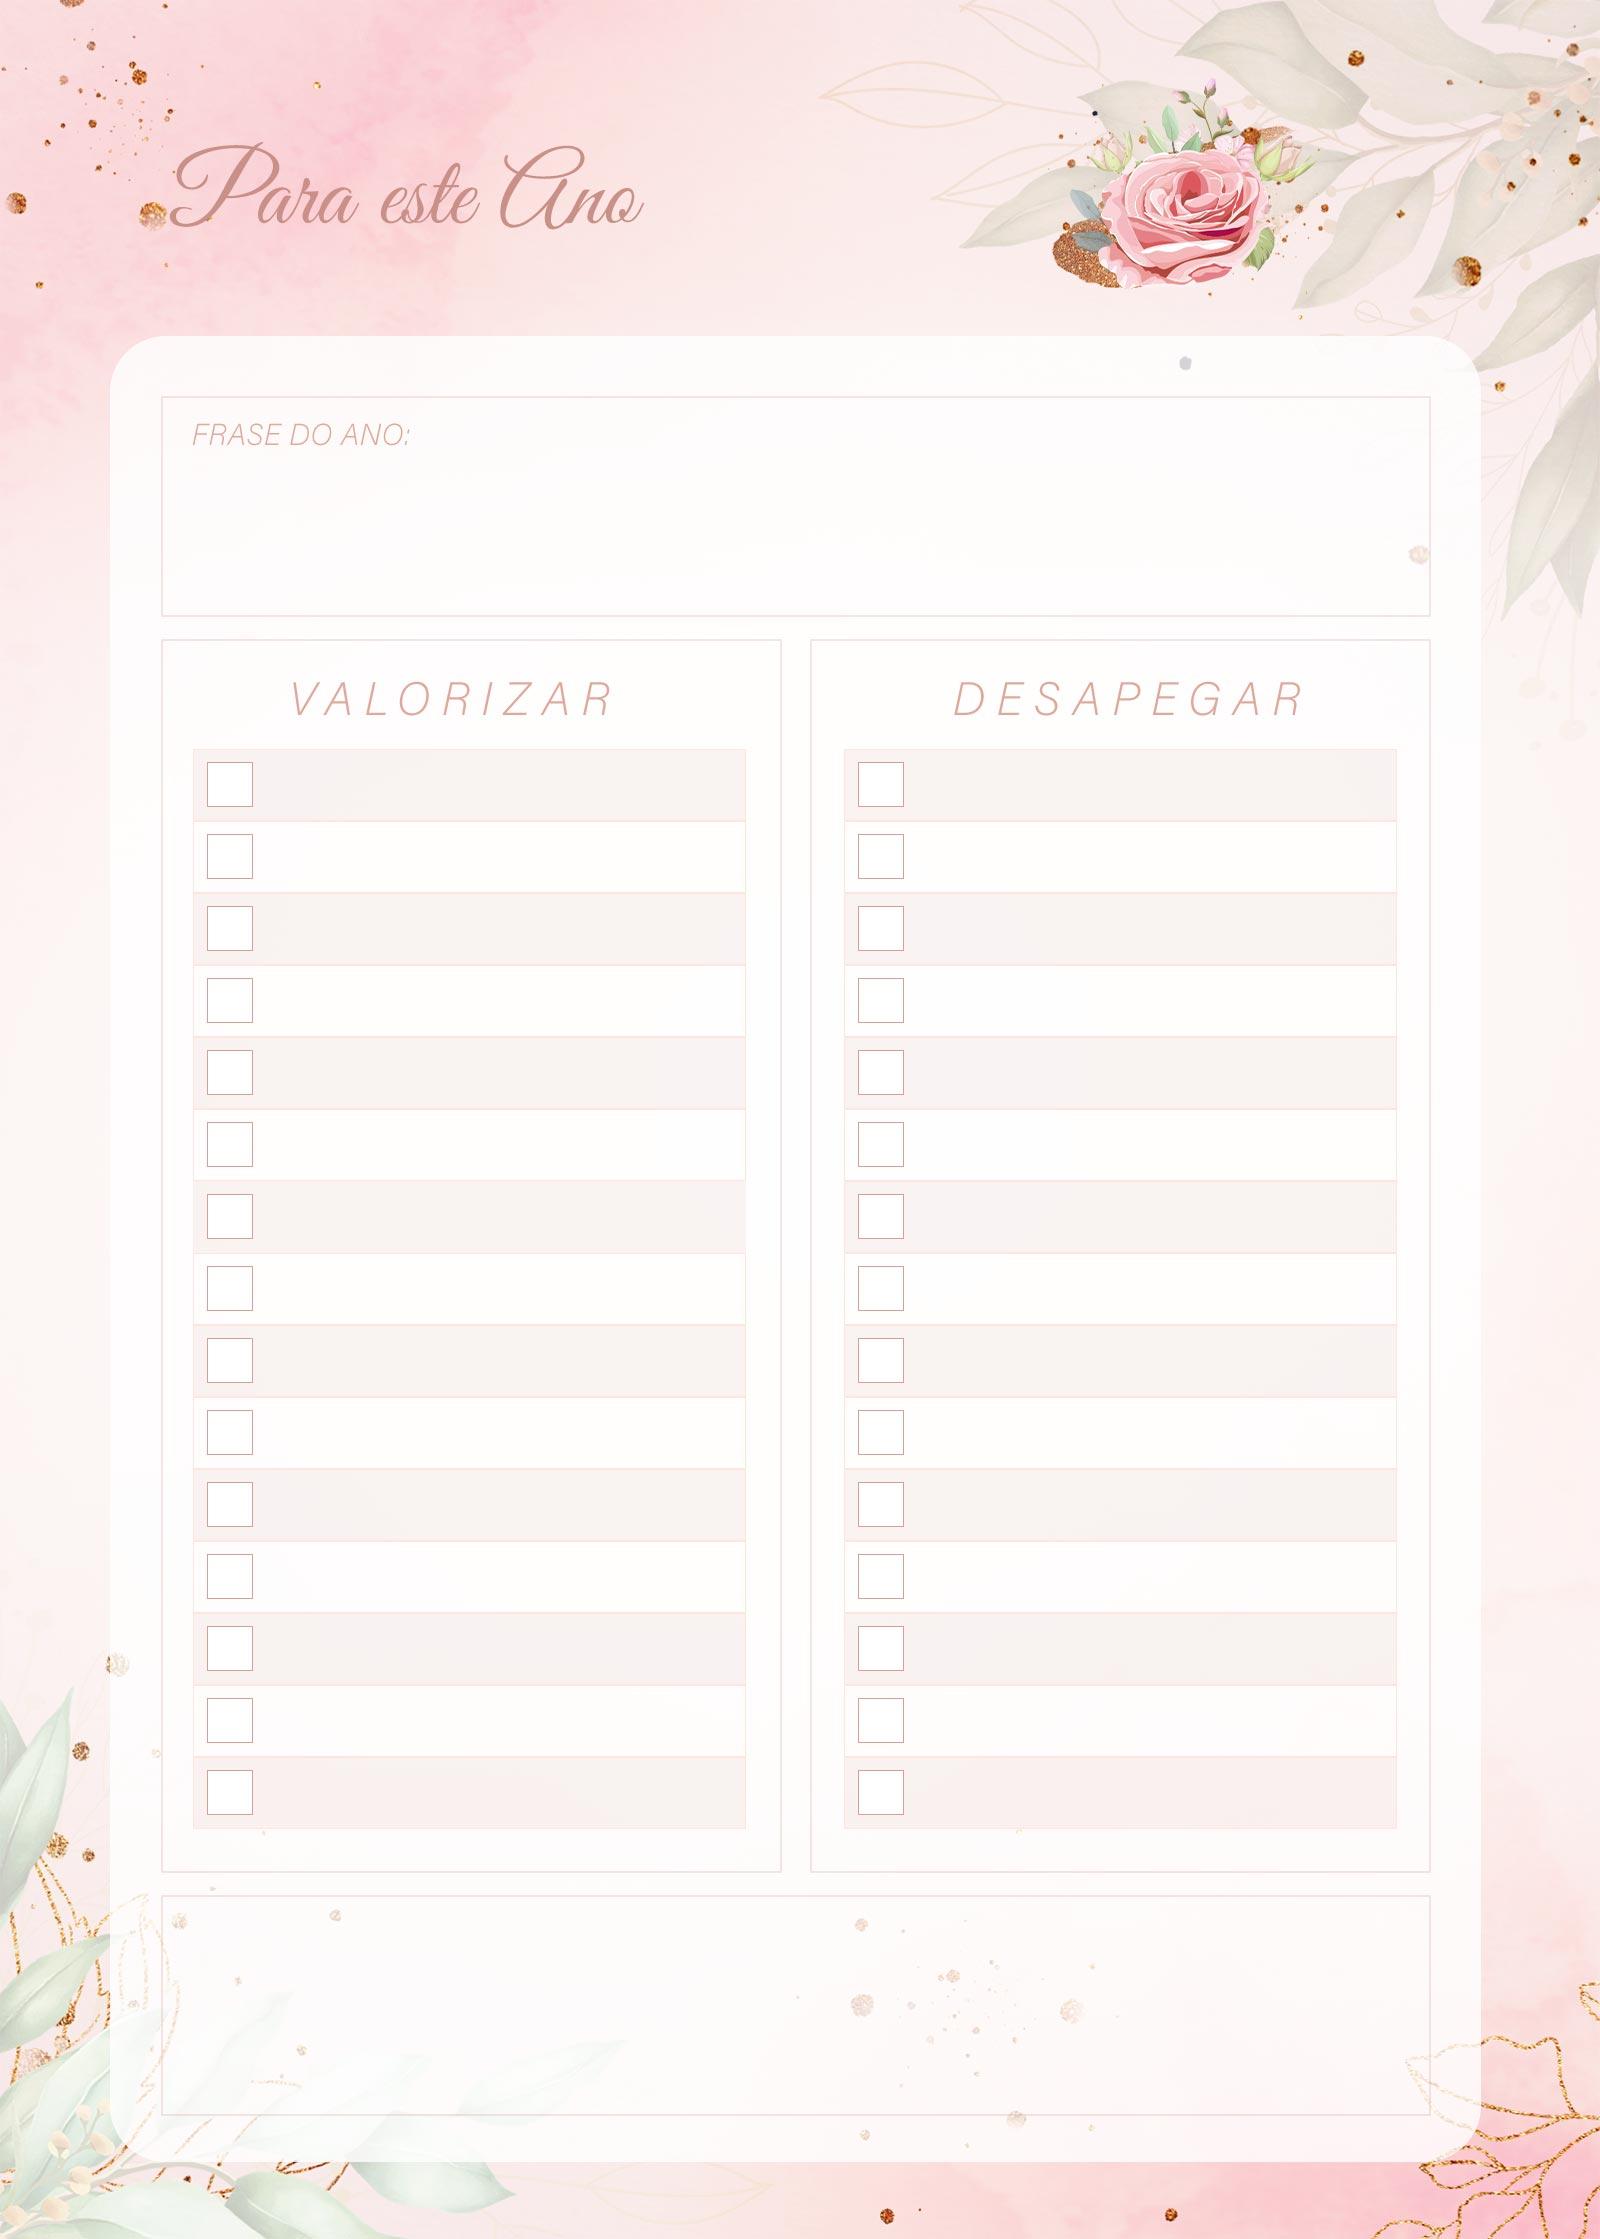 Planner 2021 Floral com Inicial Para Este Ano